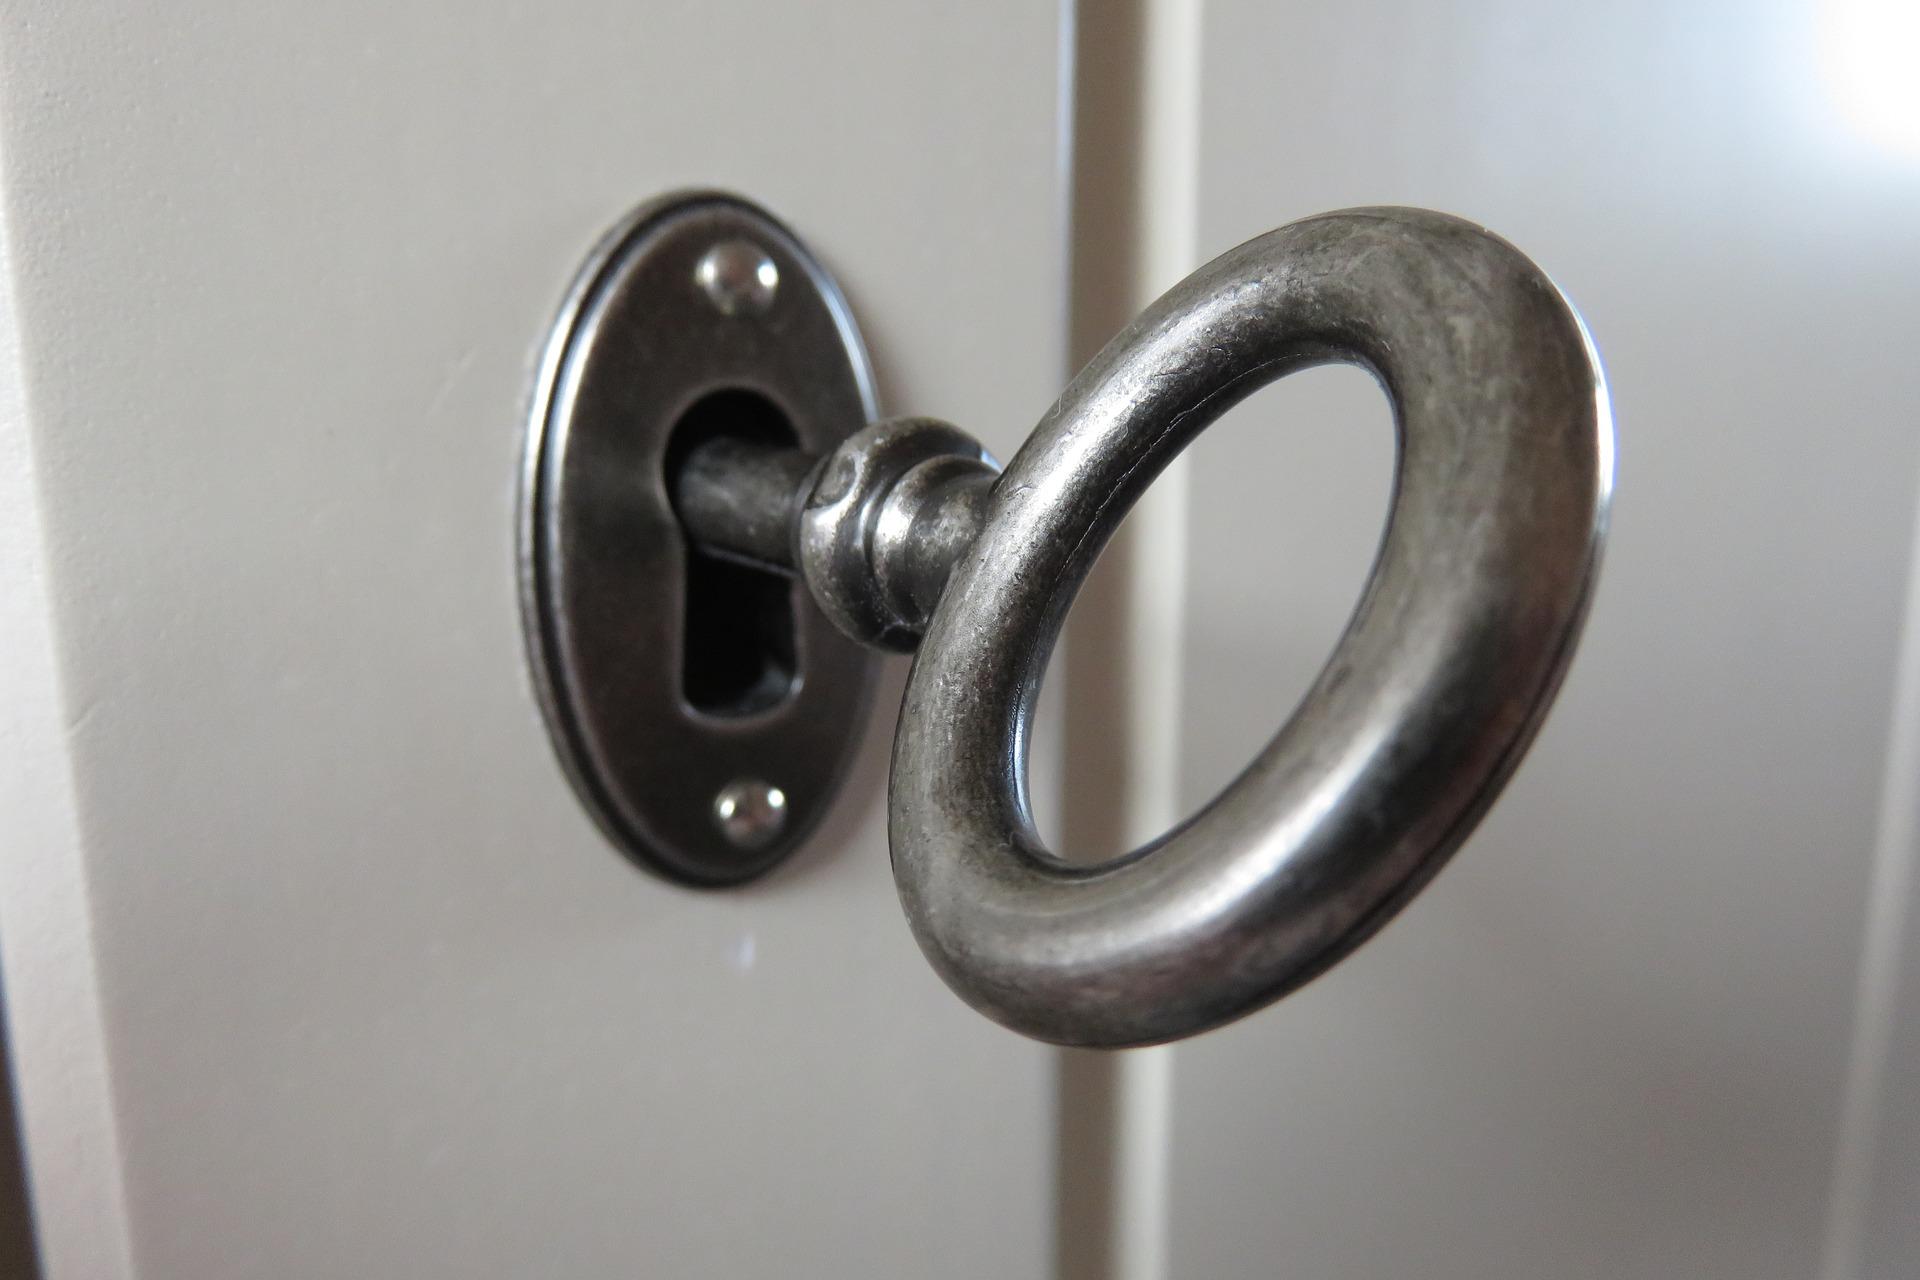 key-4019290_1920